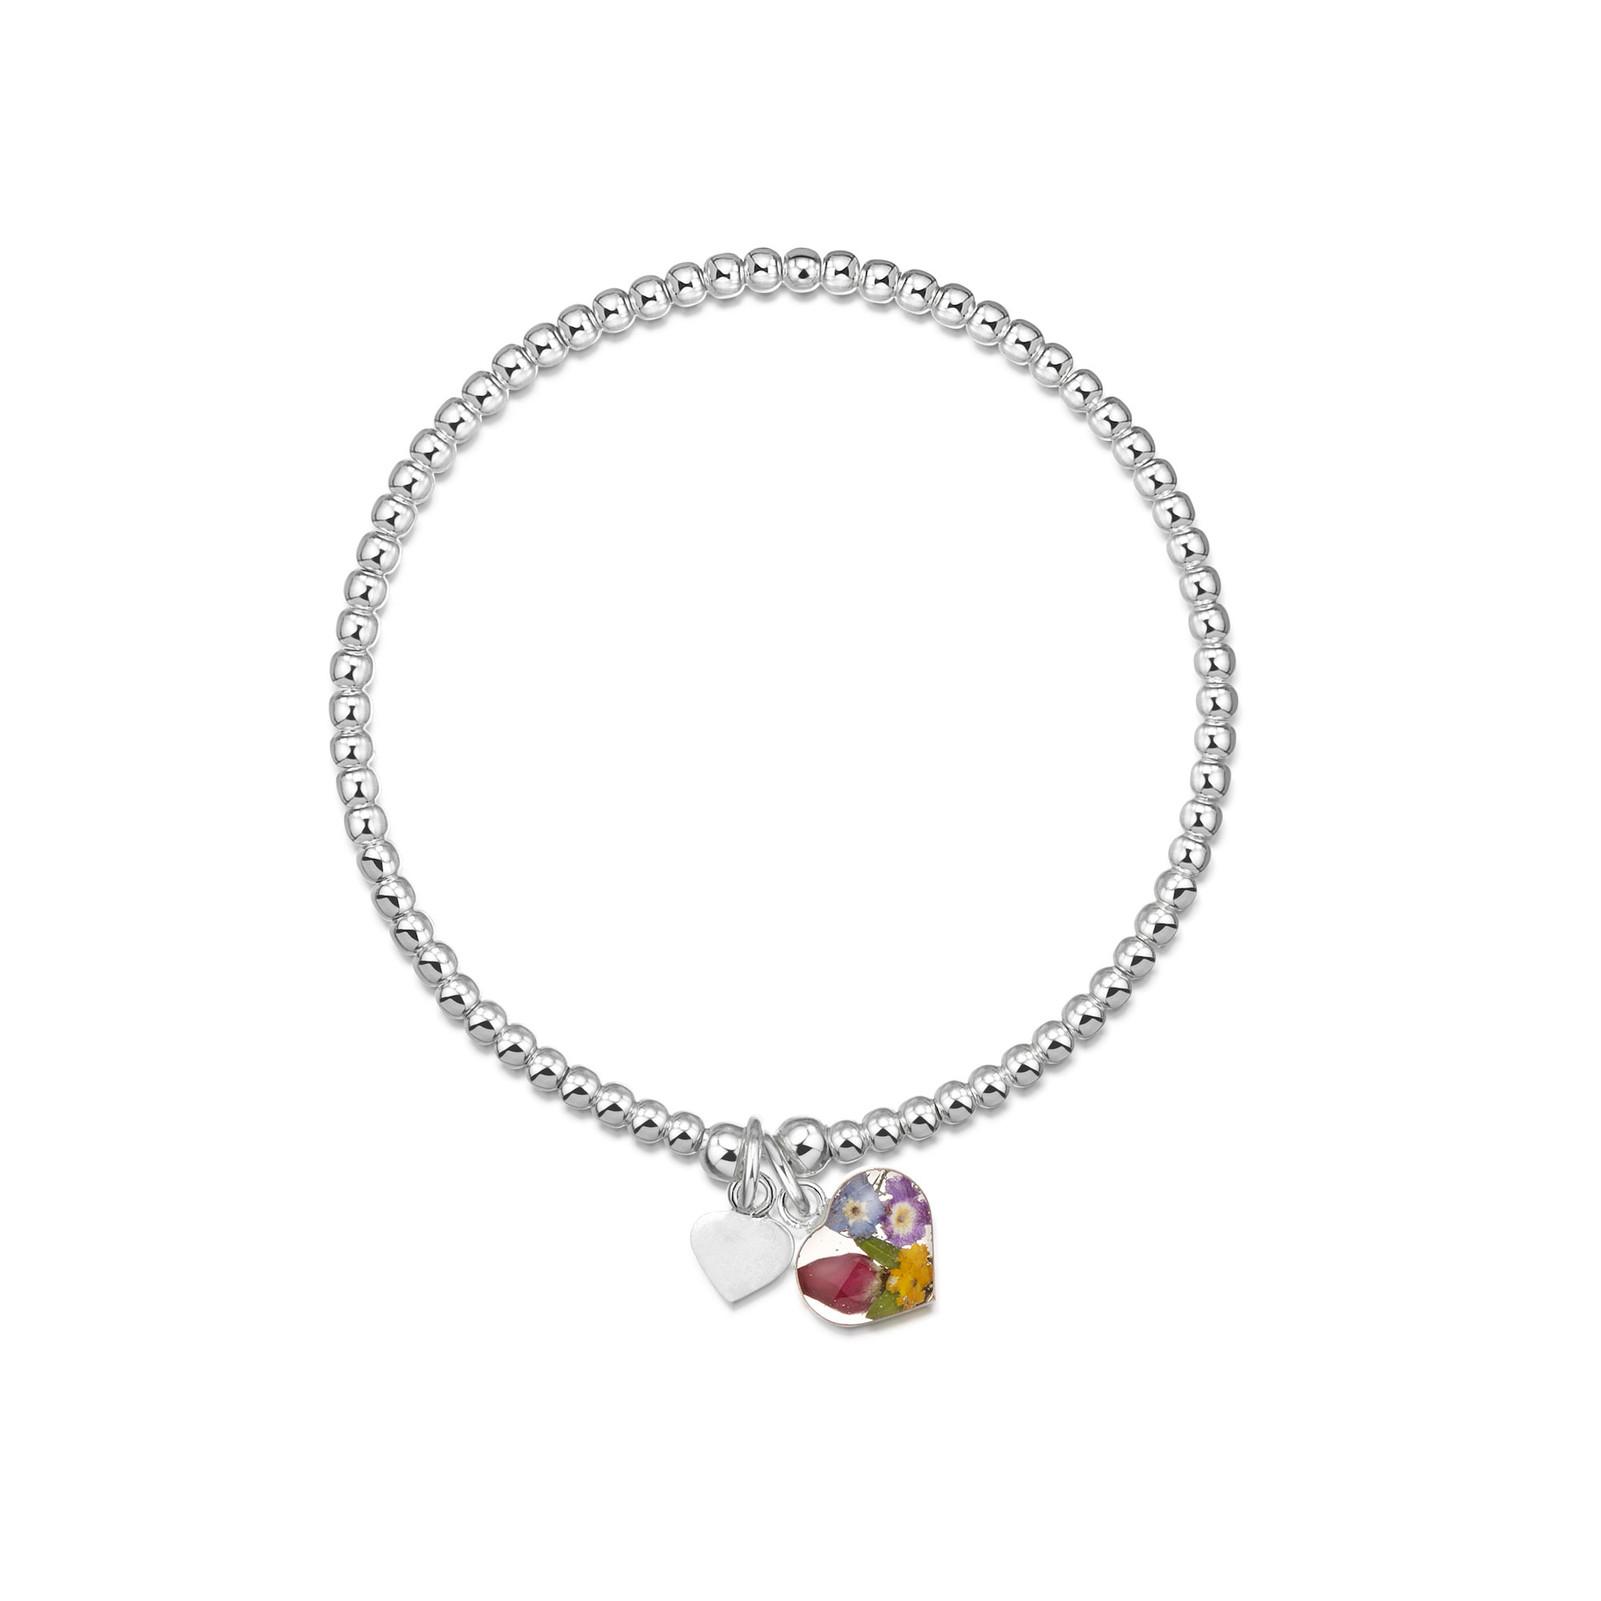 Strieborné šperky z reálnych kvietkov - Kolekcia MIX KVETOV farebný b89e93f2da9